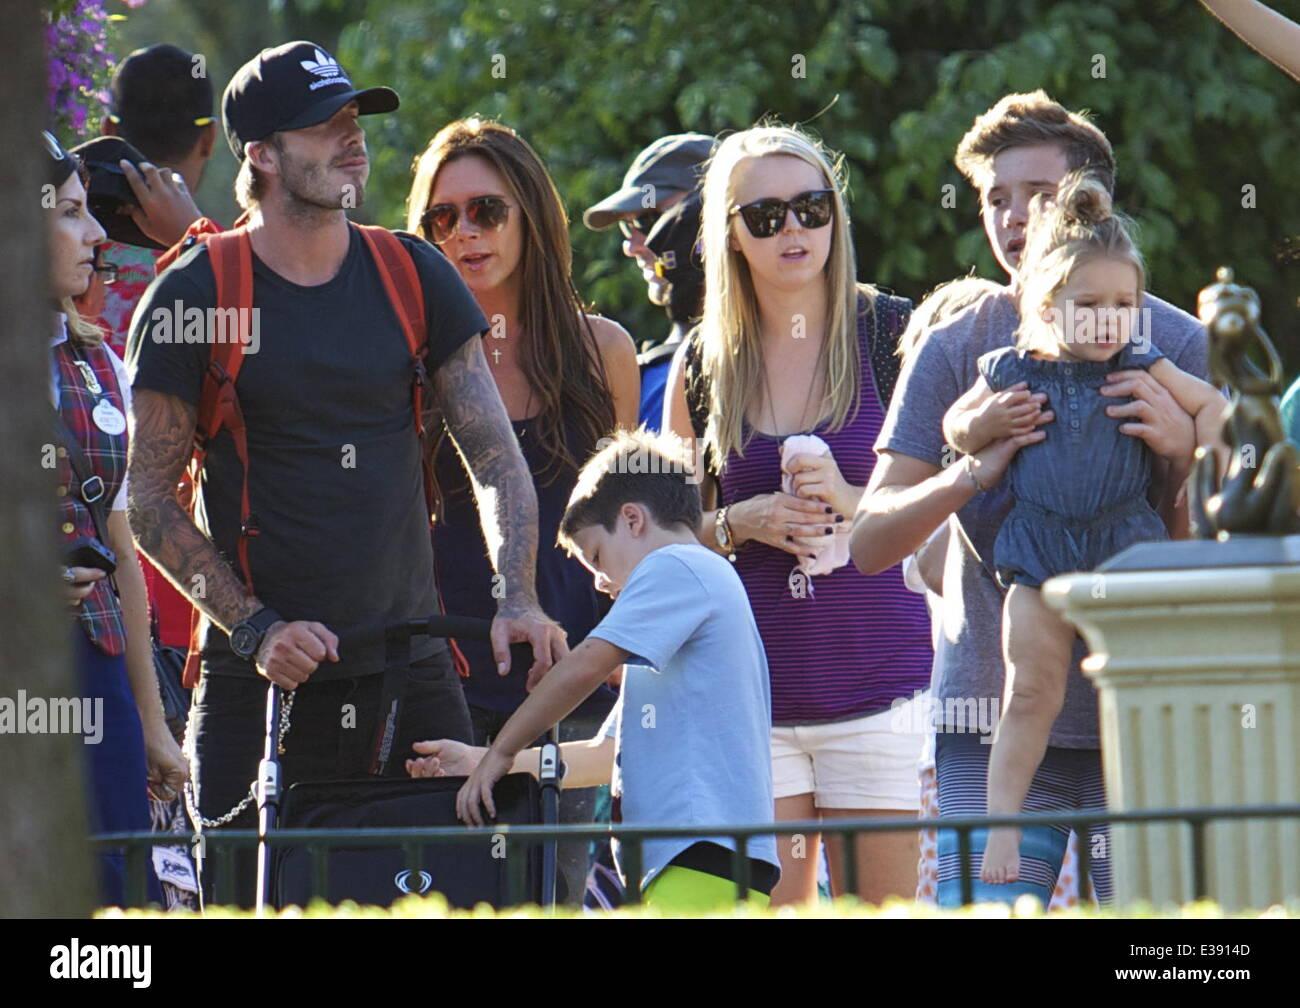 David e Victoria Beckham trascorrere del tempo di qualità con i loro bambini a Disneyland. La famosa famiglia ha trascorso un sacco di tempo in Fantasyland, equitazione il Dumbo ride, una giostra e una per i bambini con il treno. Poco Harper è stato avvistato godendo di una giostra corsa con i suoi fratelli e papà David, mentre la mamma Victoria, che vestiva giù in jeans casual, guardati. Dotato di: David Beckham,Victoria Beckham,Cruz Beckham,Harper Beckham,Brooklyn Beckham dove: Anaheim, CA, Stati Uniti quando: 22 Ago 2013 Foto Stock